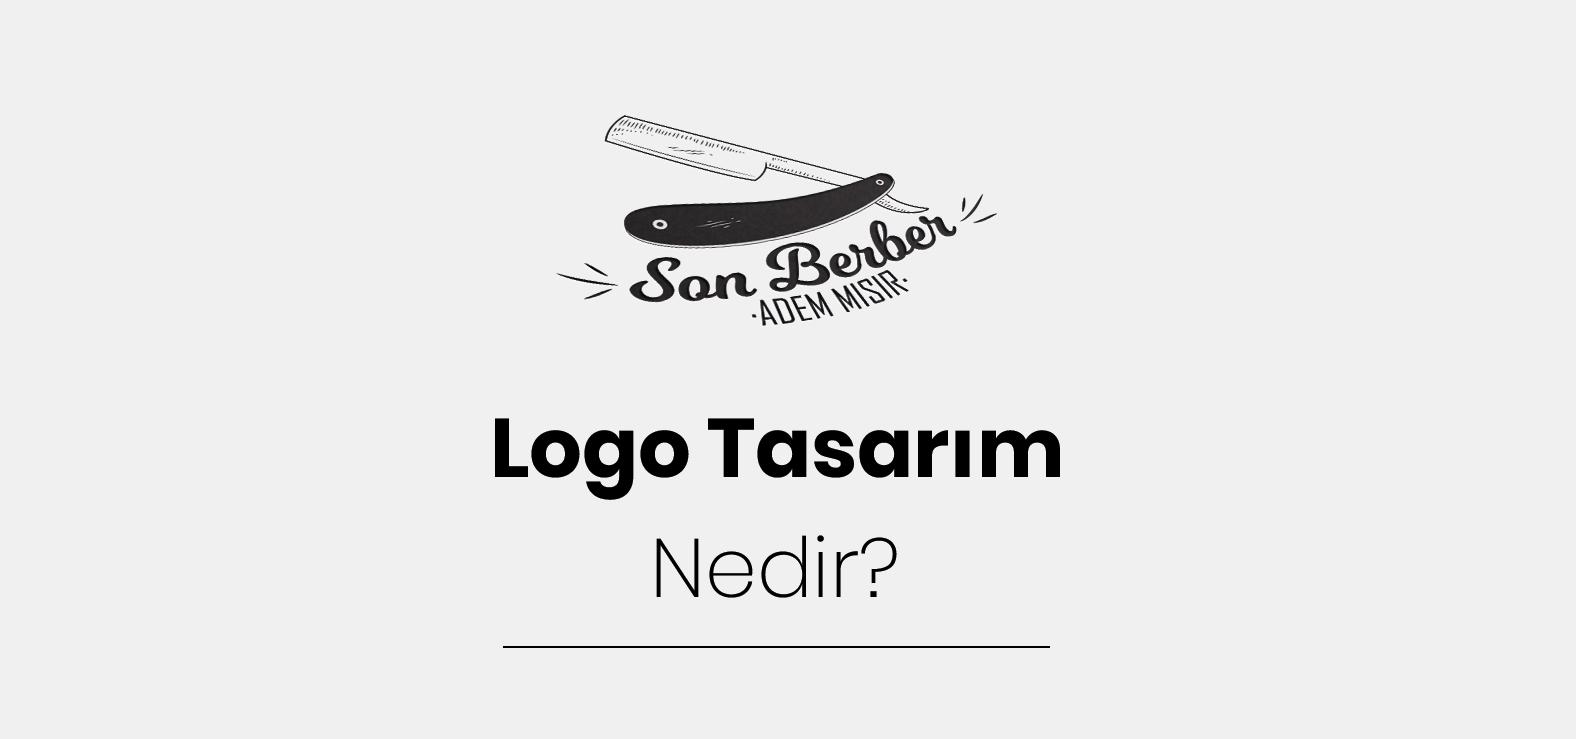 logo tasarimi nedir - Logo Tasarımı Nedir?